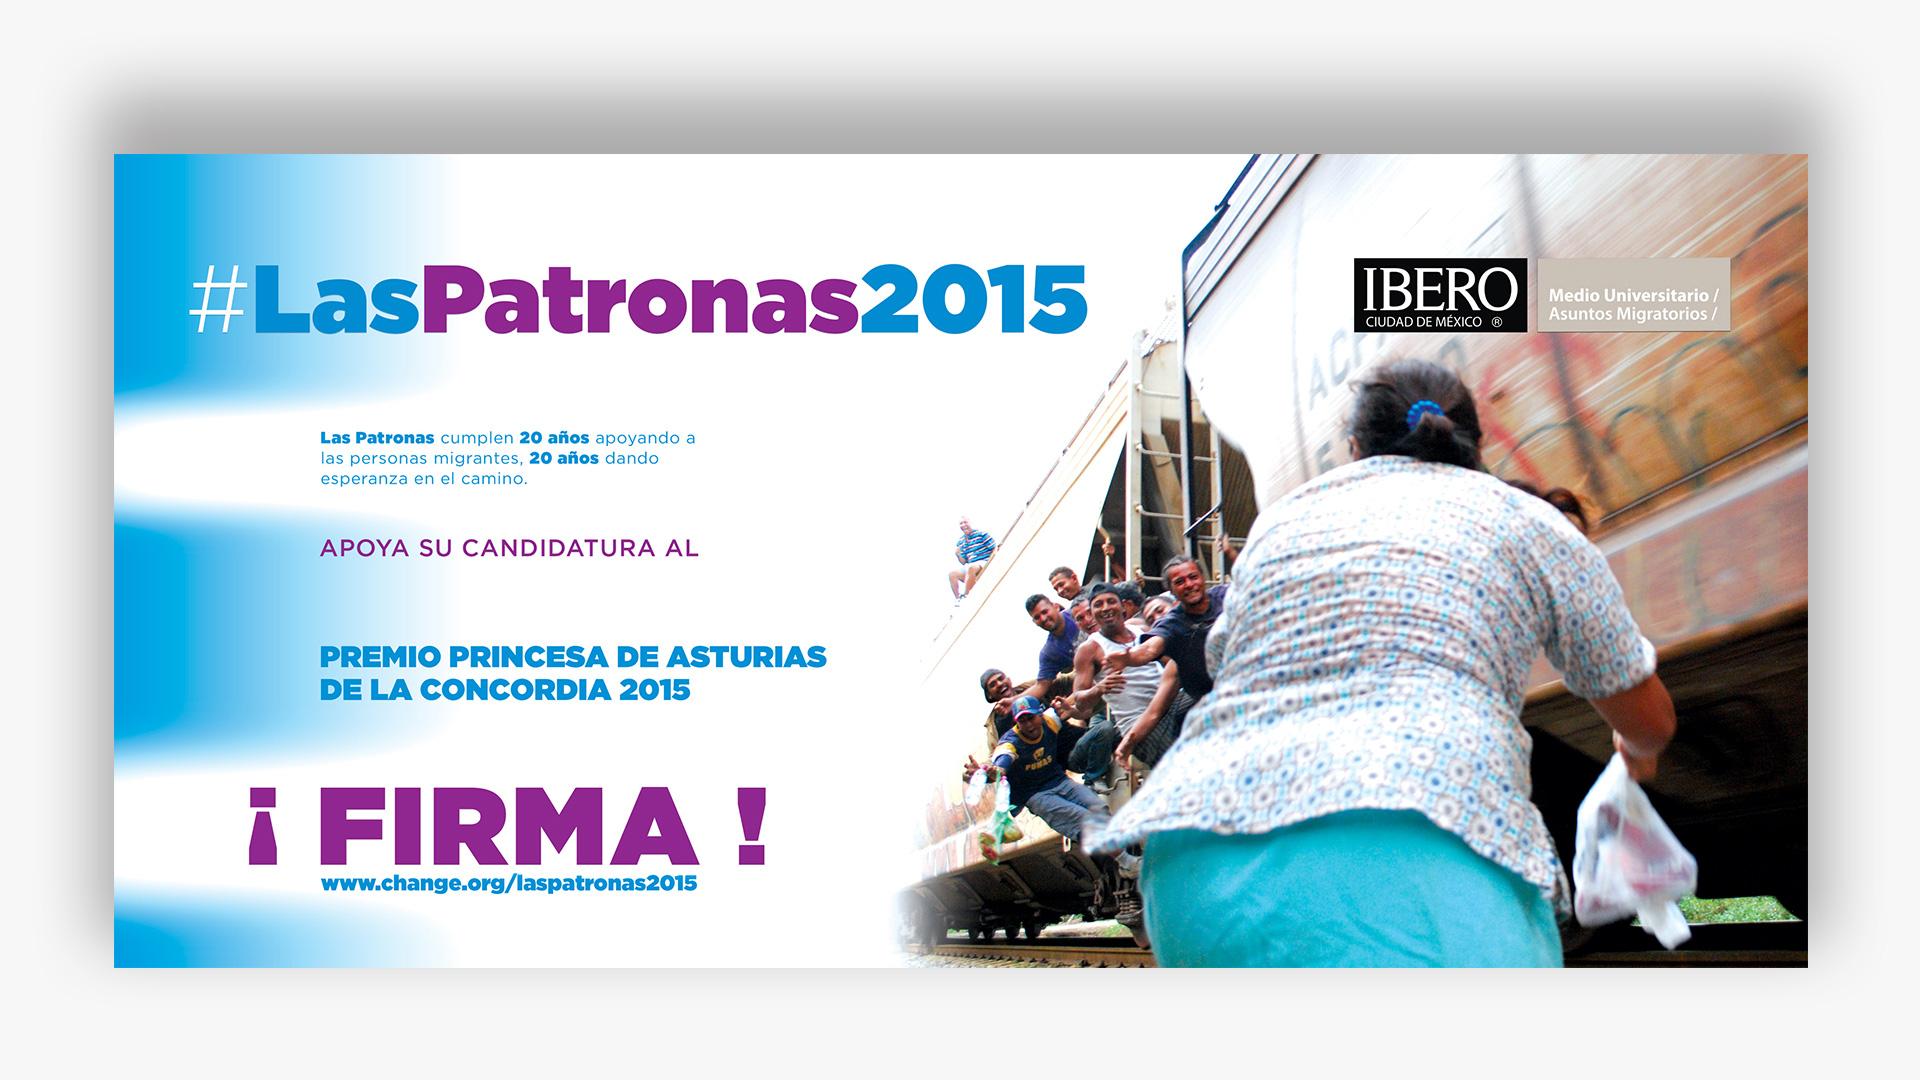 Imagen para facebook, para promover la candidatura de las PATRONAS